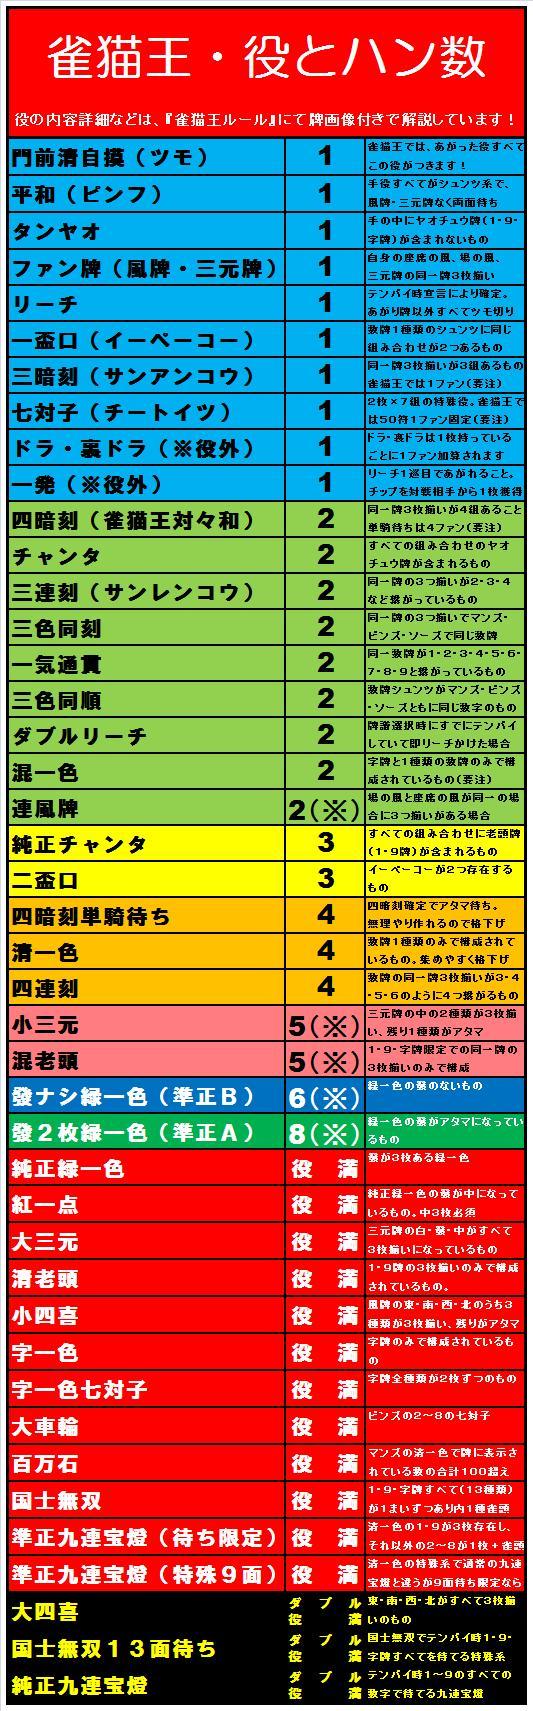 20090323・雀猫王の役とファン数.jpg